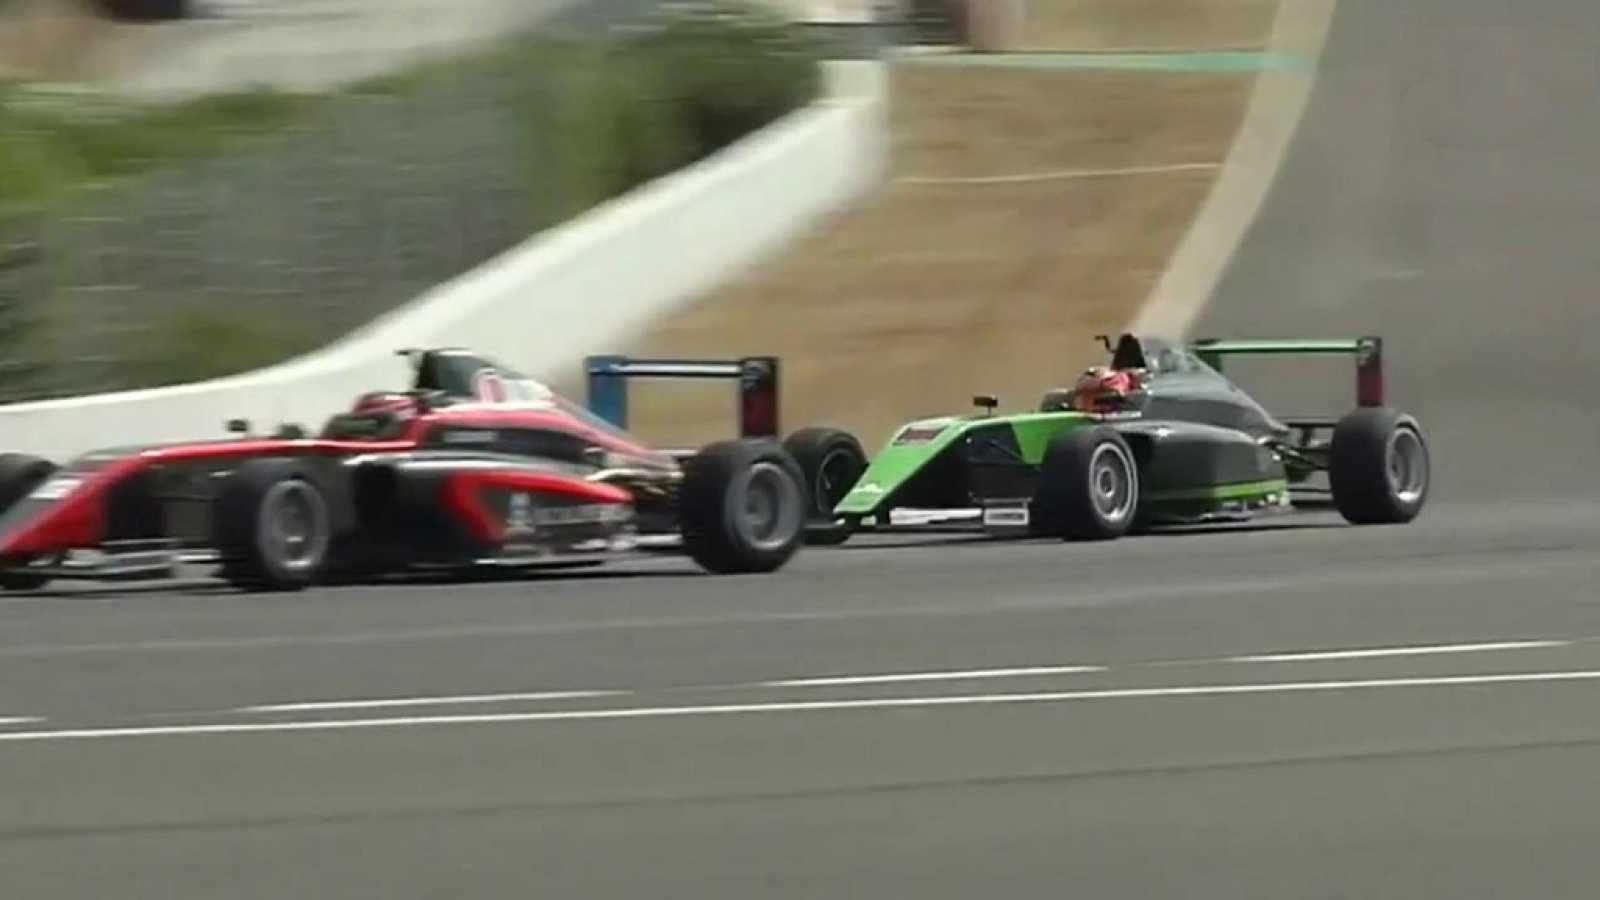 Automovilismo - Racing weekend 2019. Prueba Jerez. Resumen - ver ahora